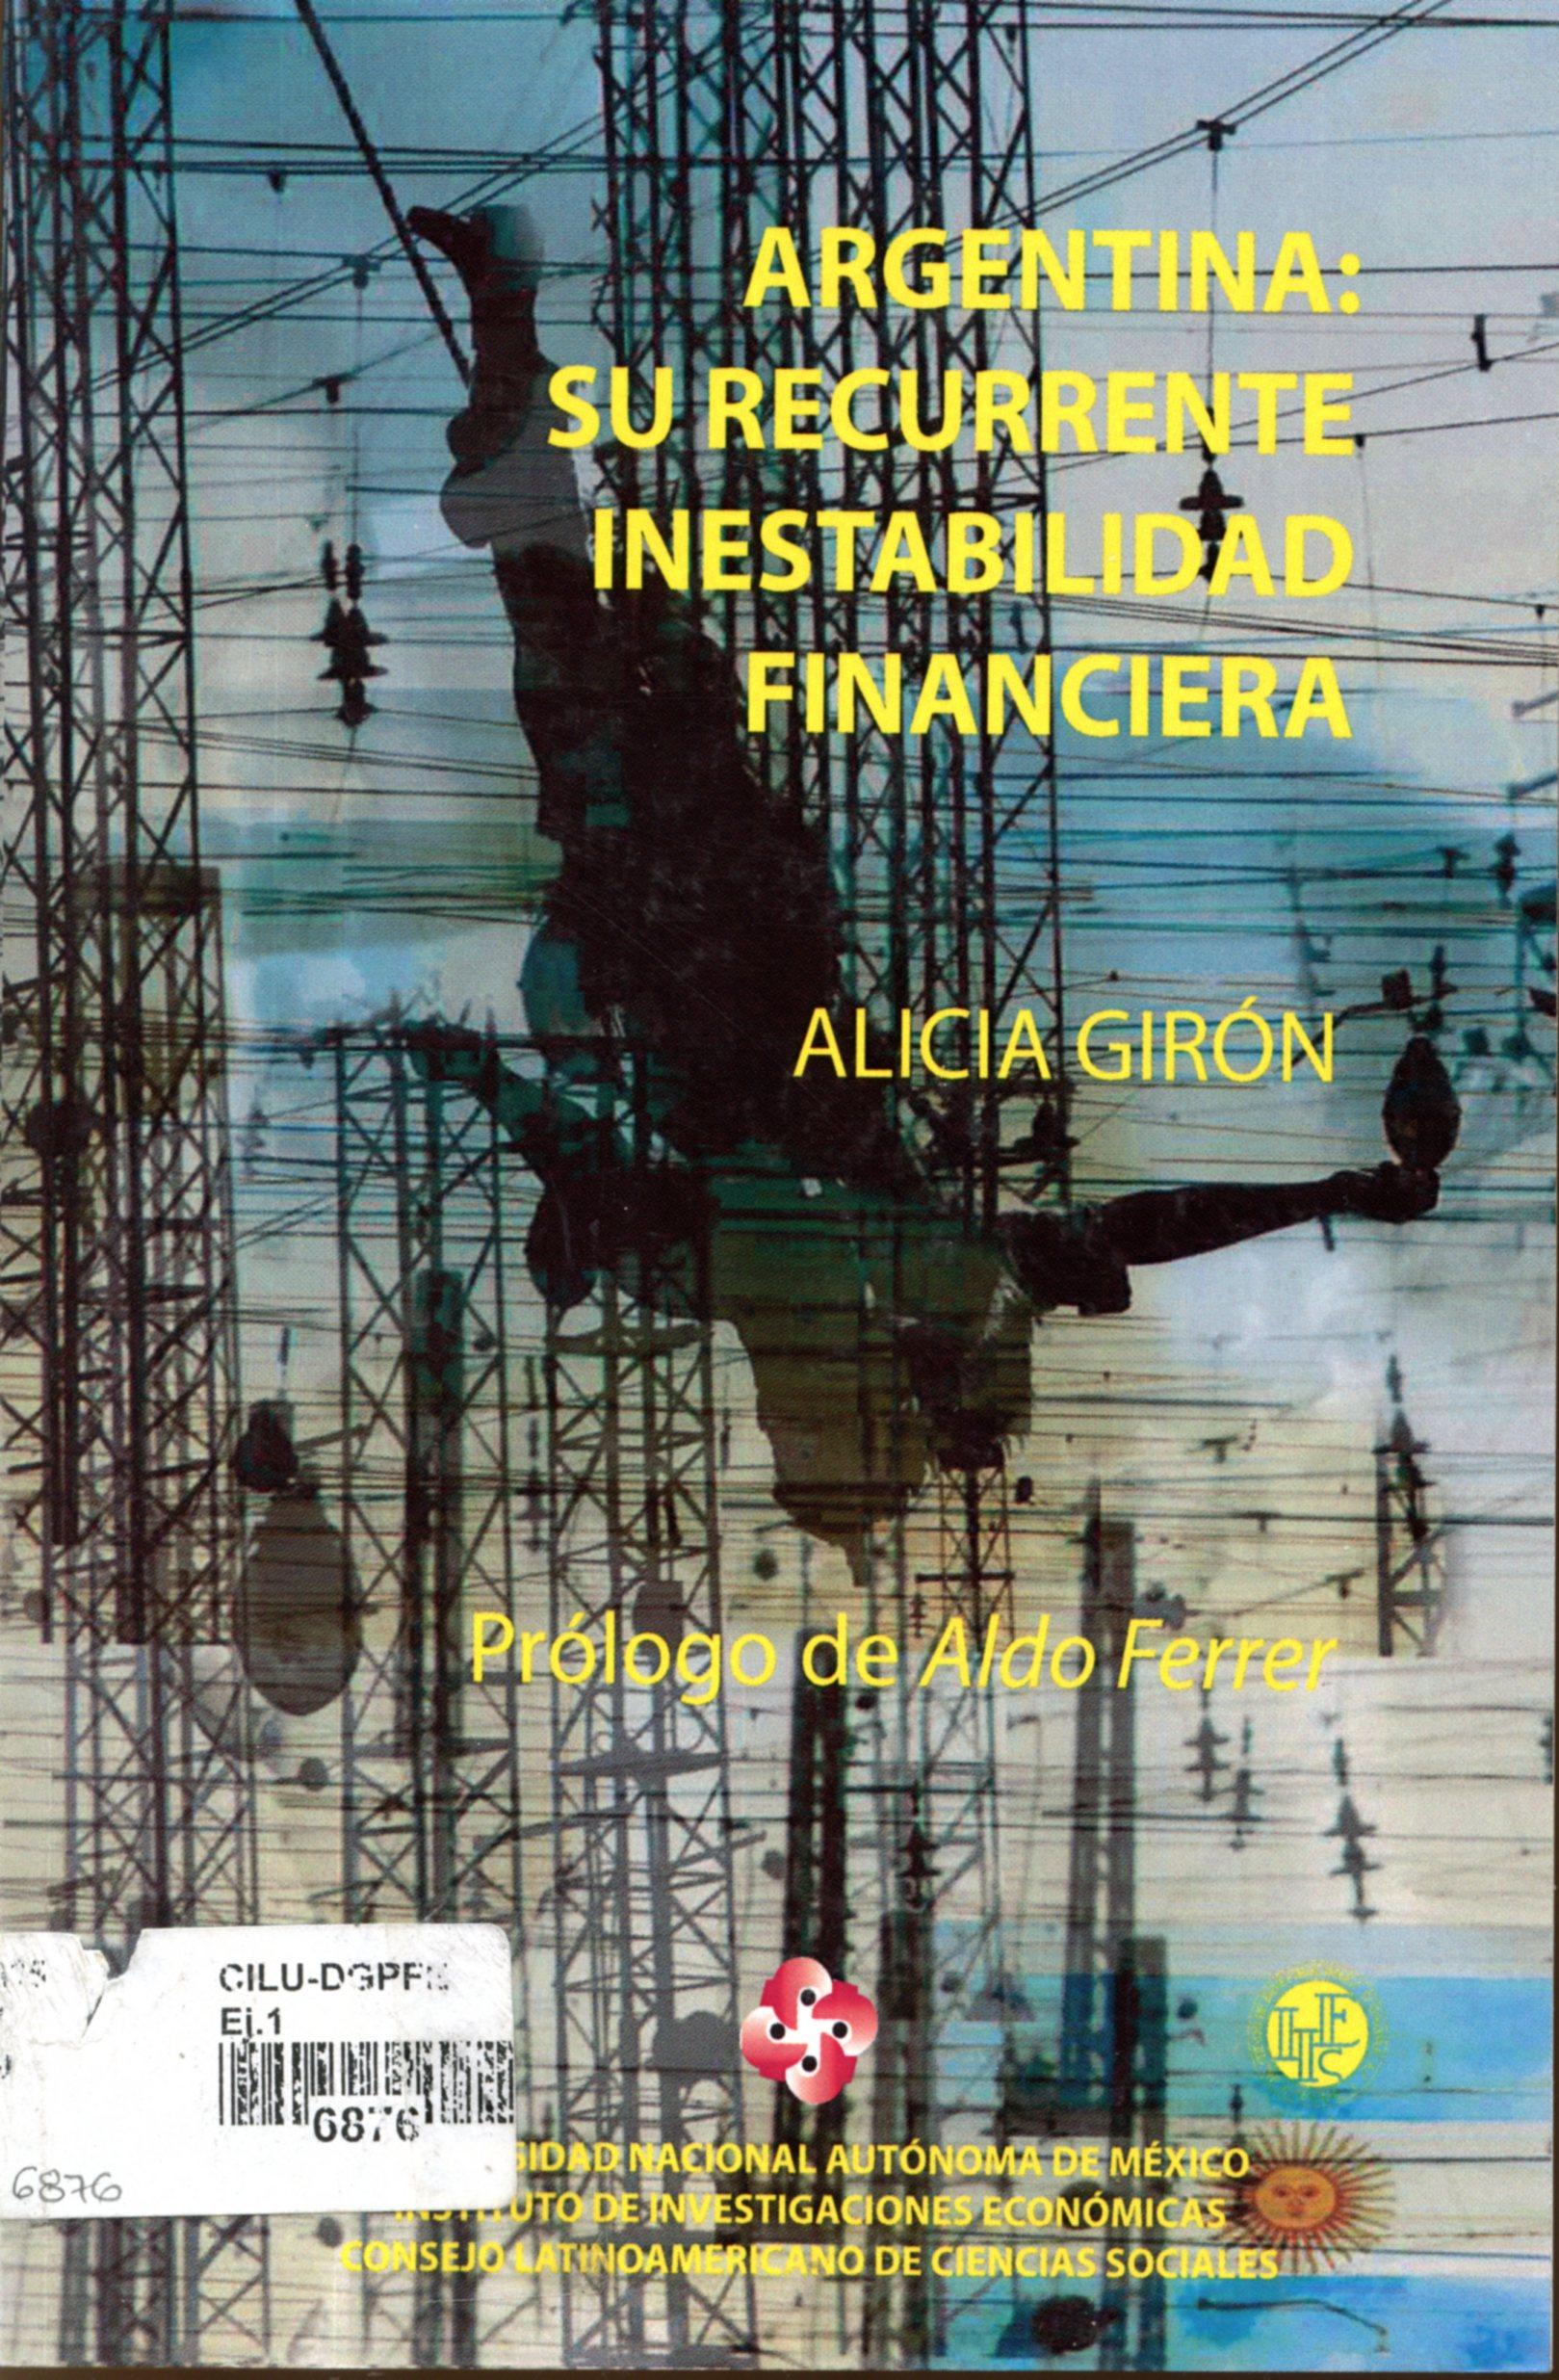 Argentina. Su recurrente inestabilidad financiera